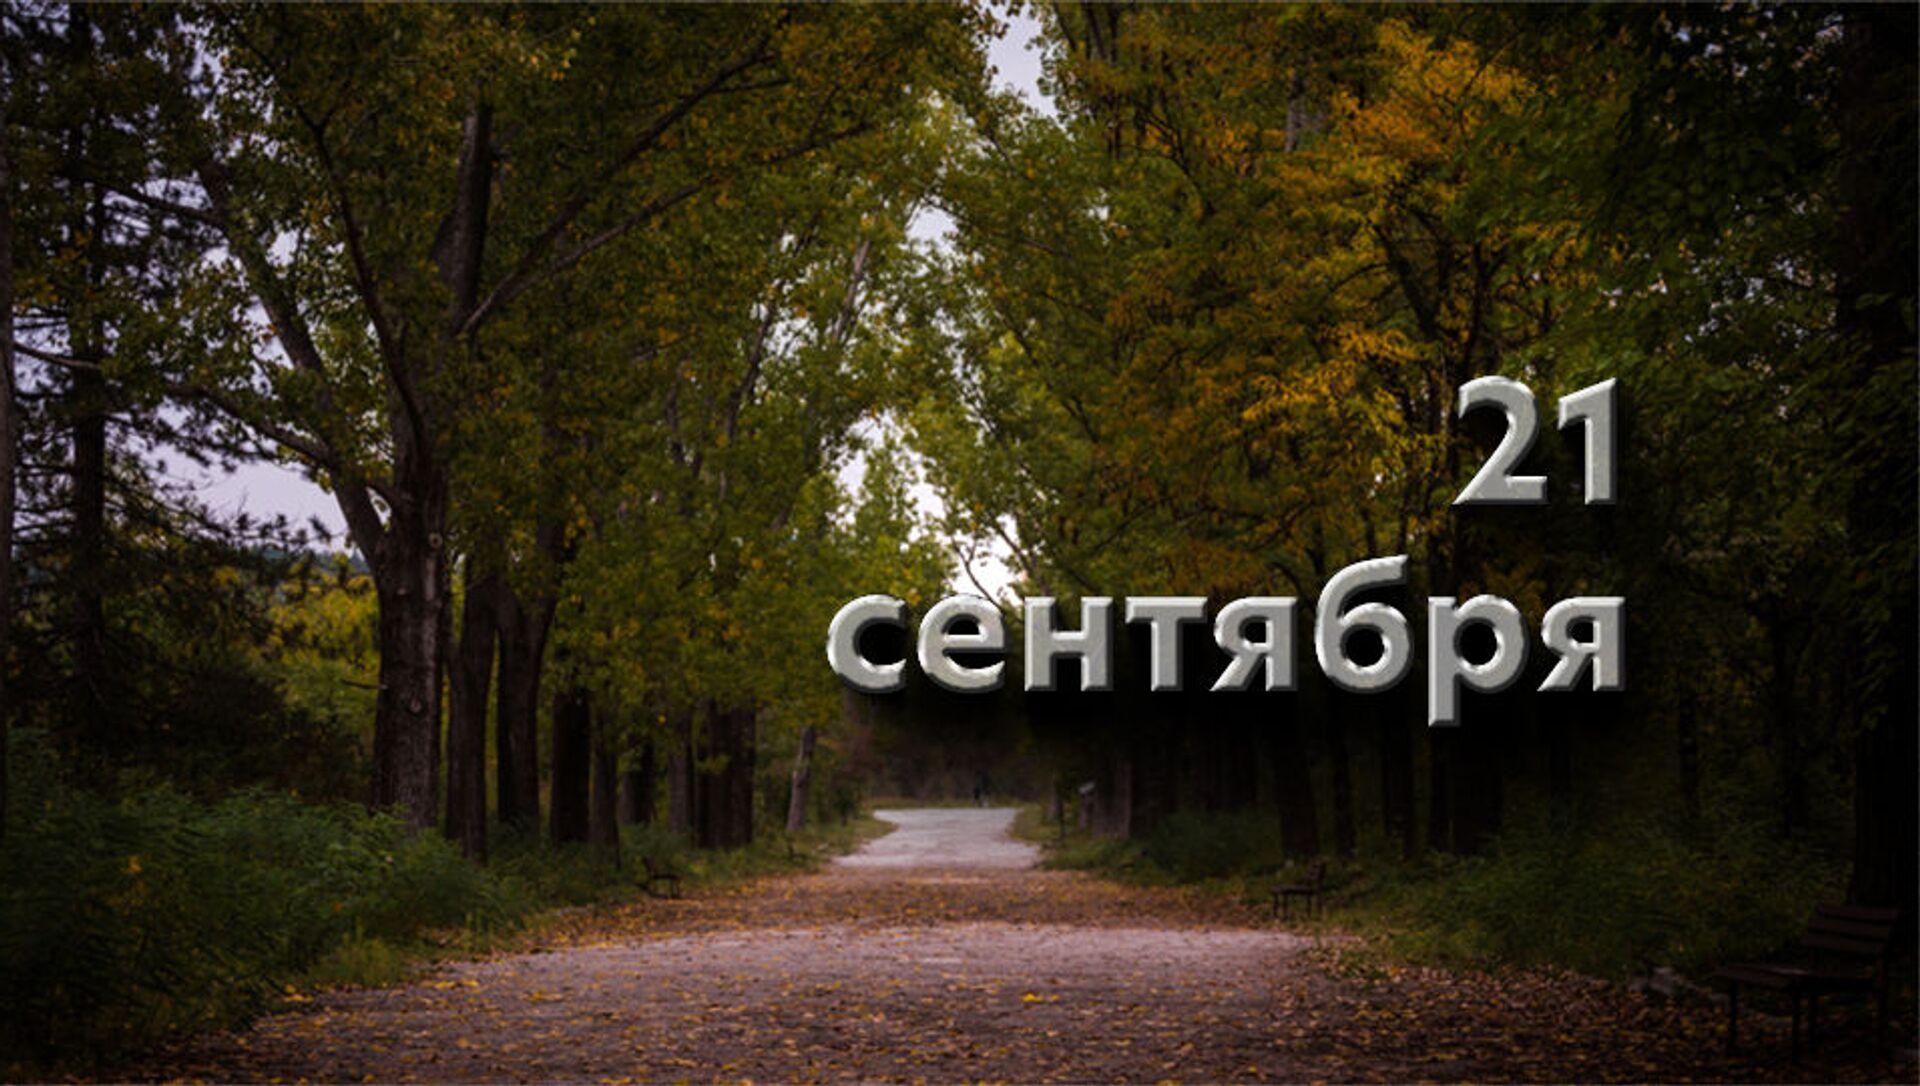 День 21 сентября - Sputnik Южная Осетия, 1920, 20.09.2021